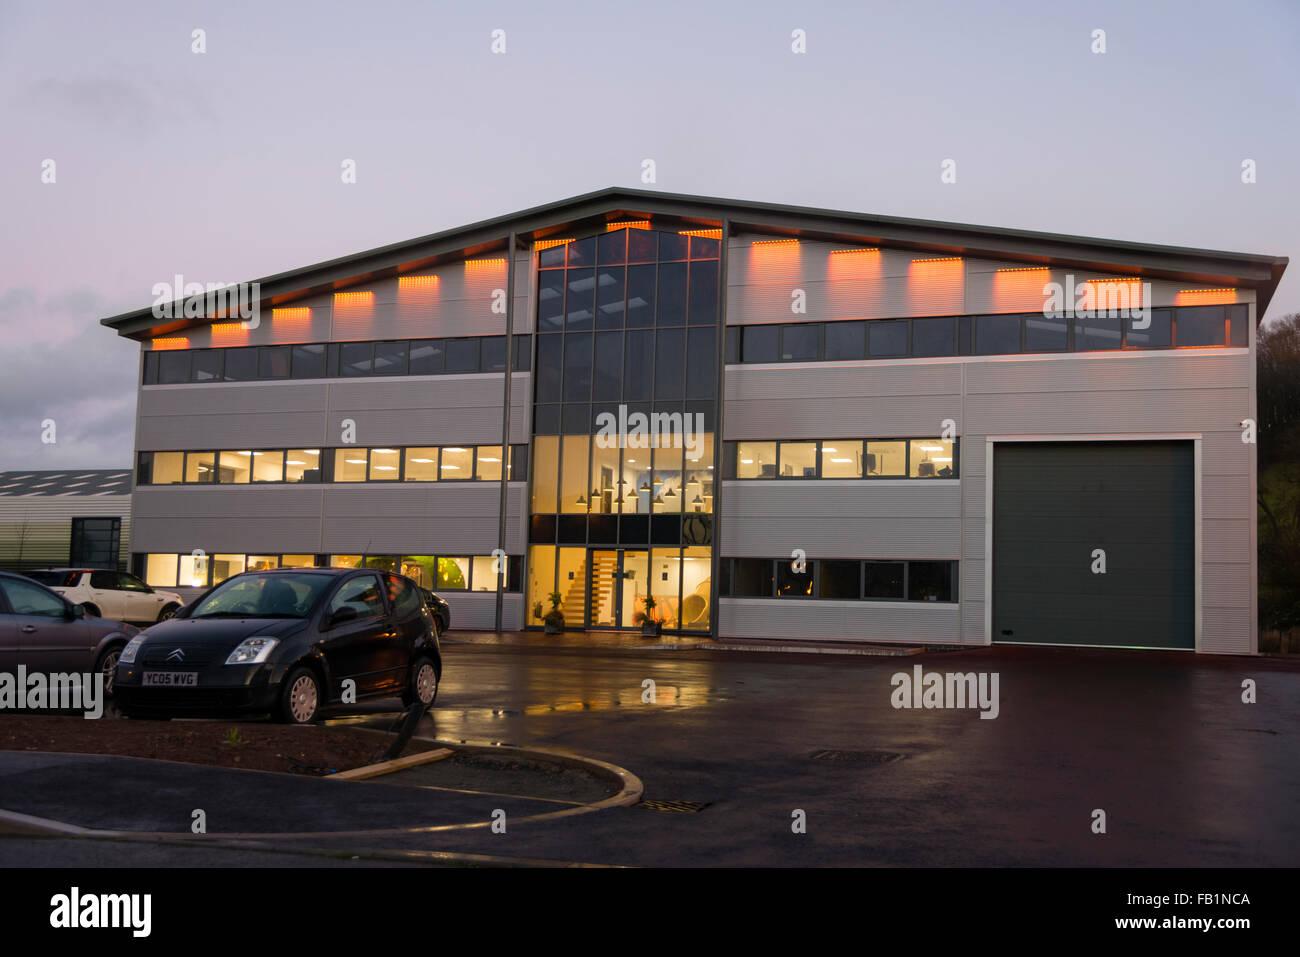 Immobilier commercial extérieur de l'unité industrielle prises au crépuscule, au Royaume-Uni. Photo Stock